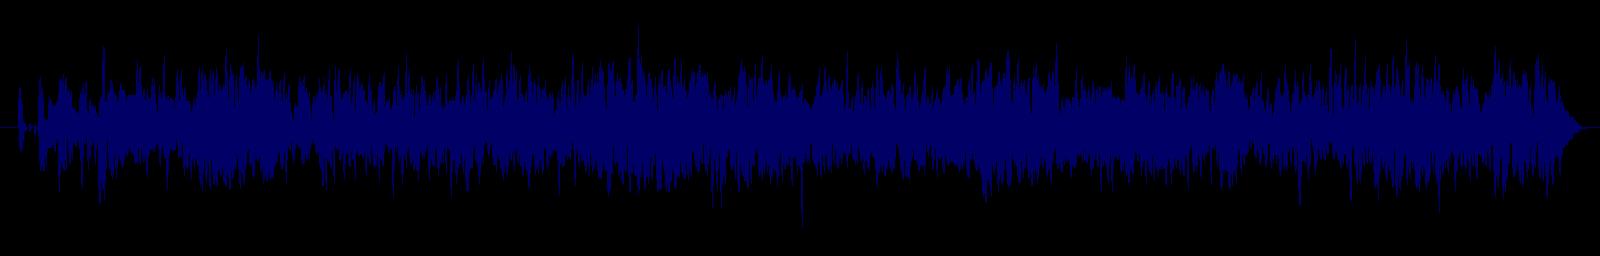 waveform of track #154775